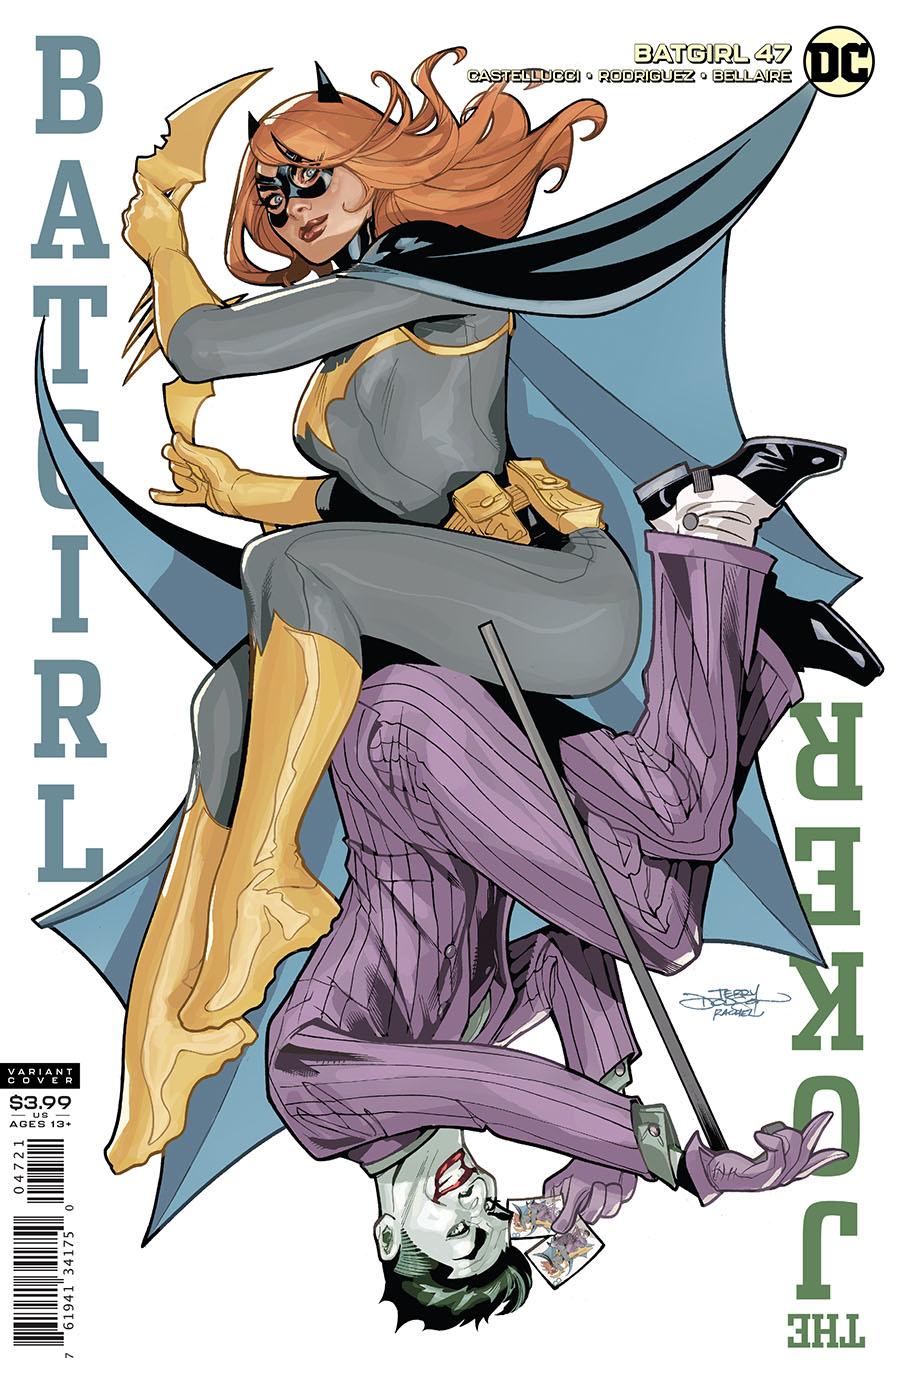 Batgirl Vol 5 #47 Cover B Variant Terry Dodson & Rachel Dodson Cover (Joker War Tie-In)